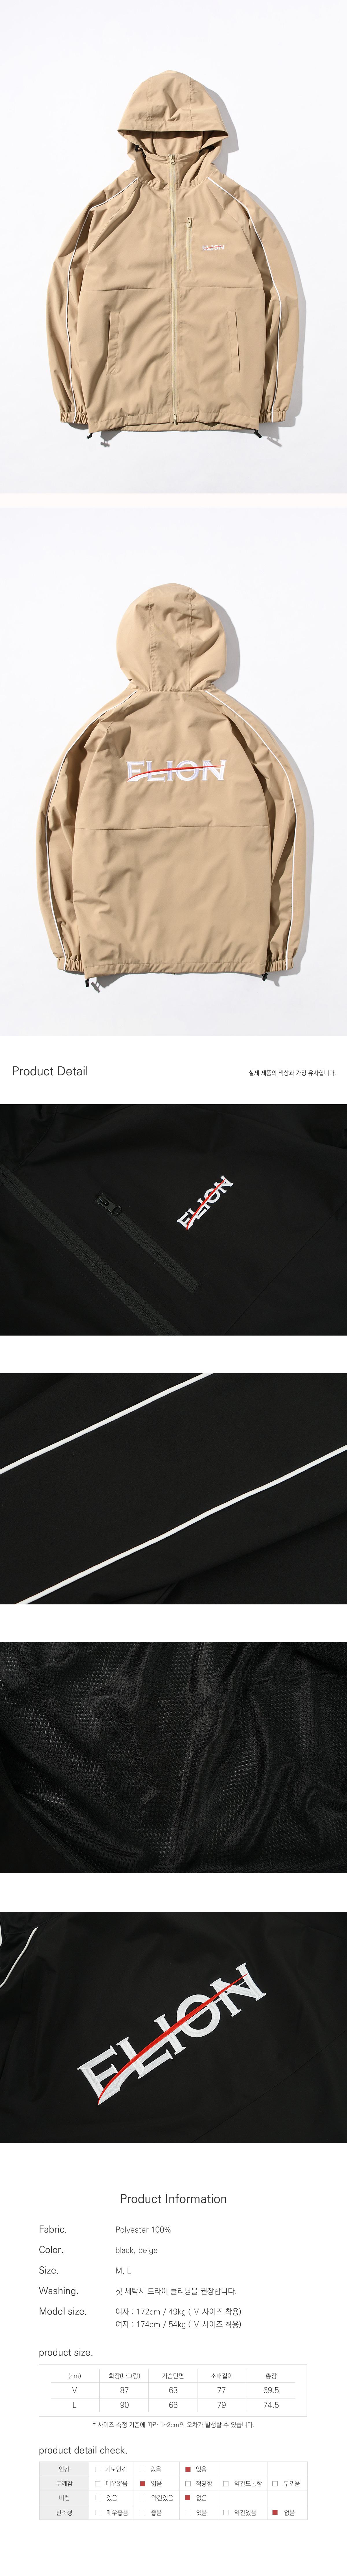 플리온(FLION) 커버라인 라이닝 윈드브레이커 - 베이지